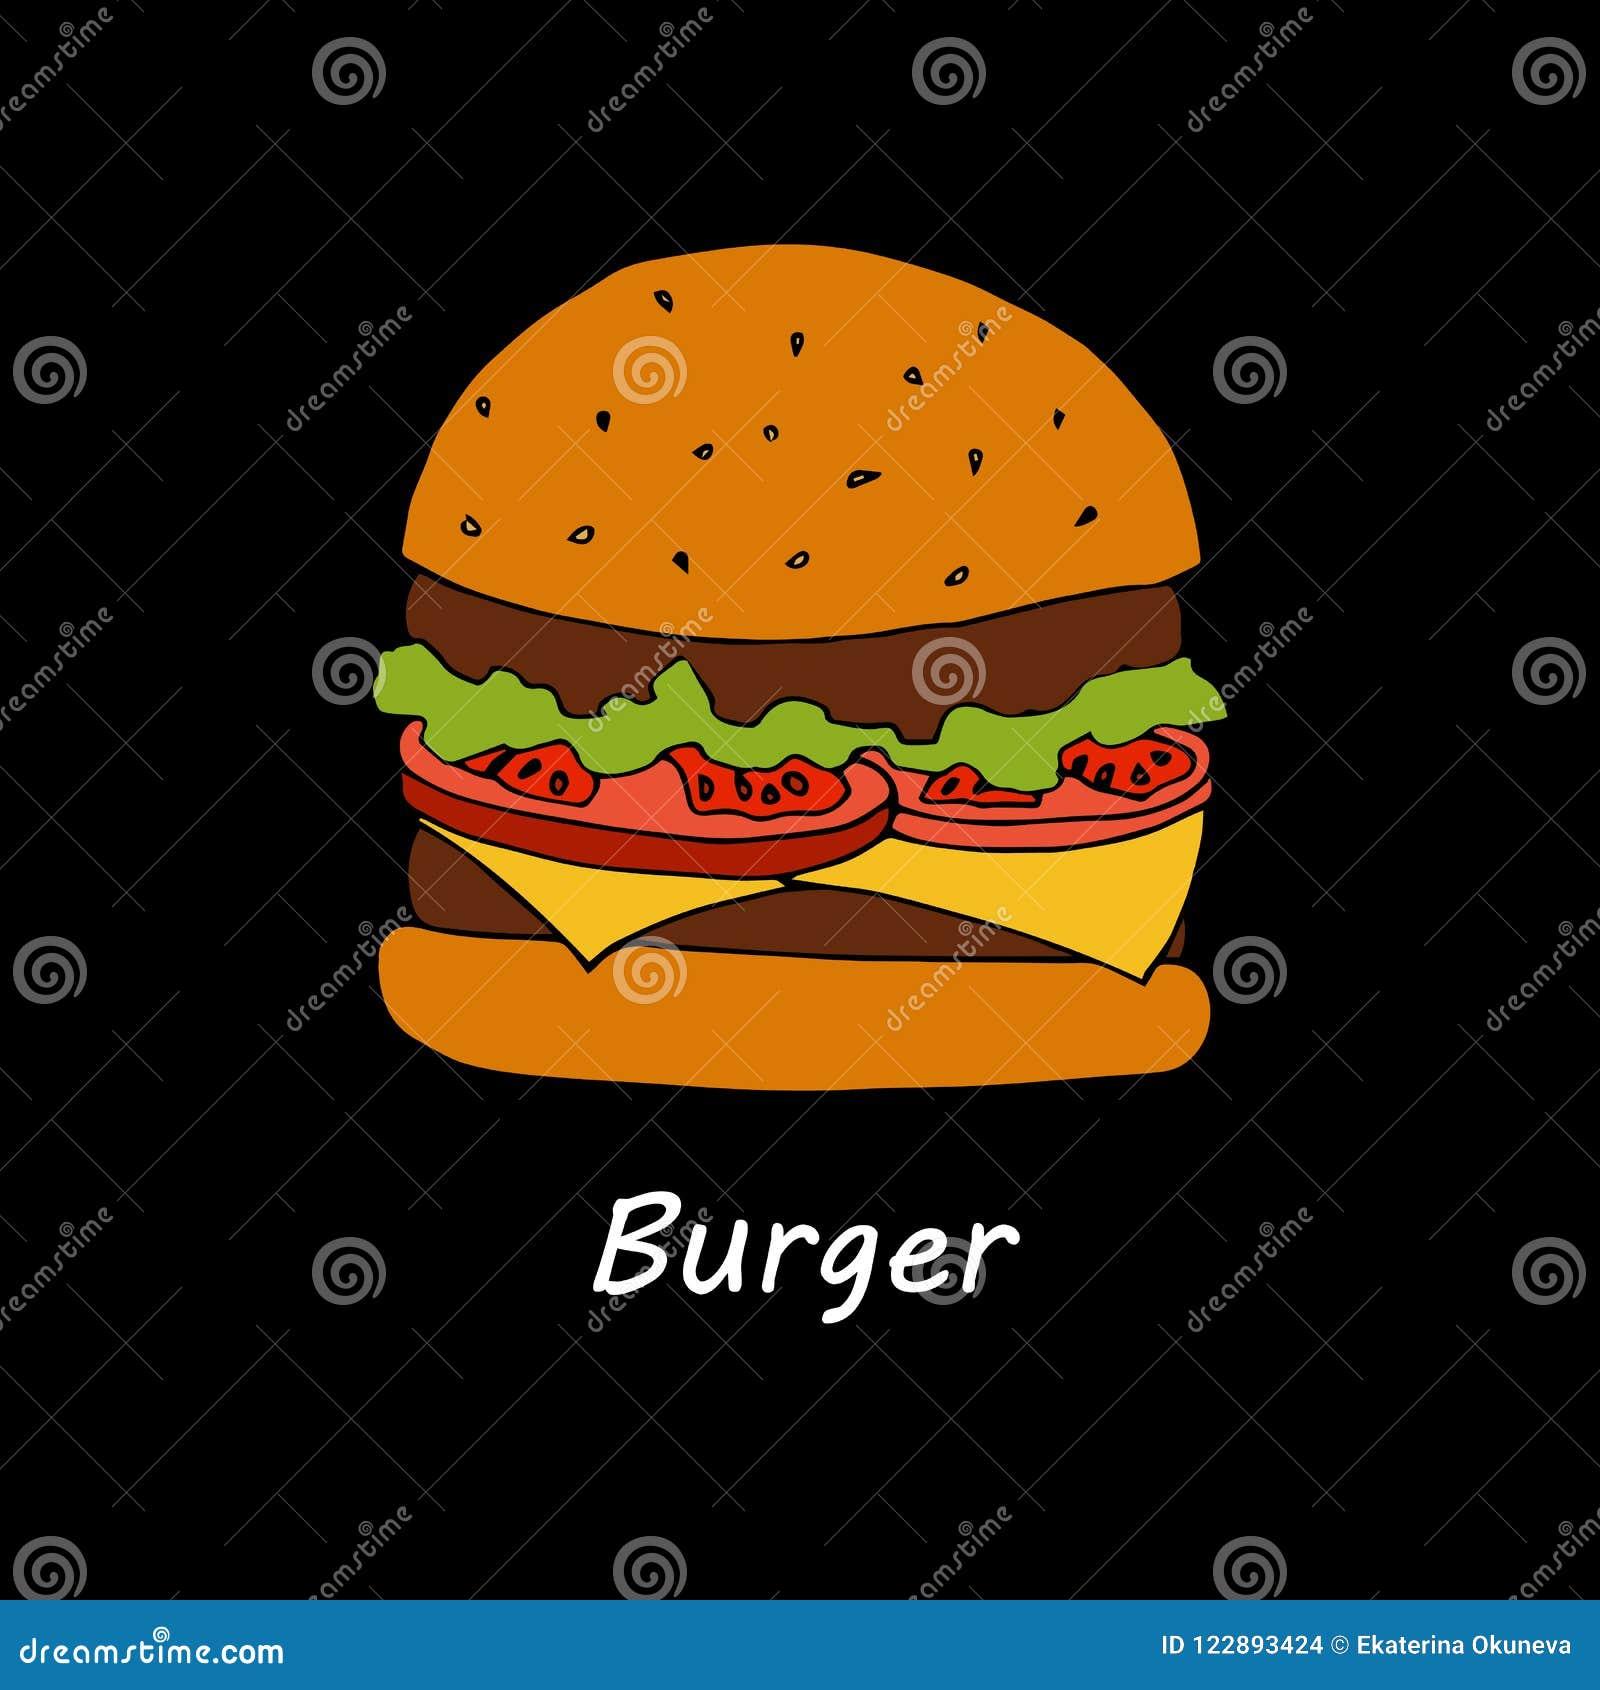 burger on black background. cartoon illustration for menu card